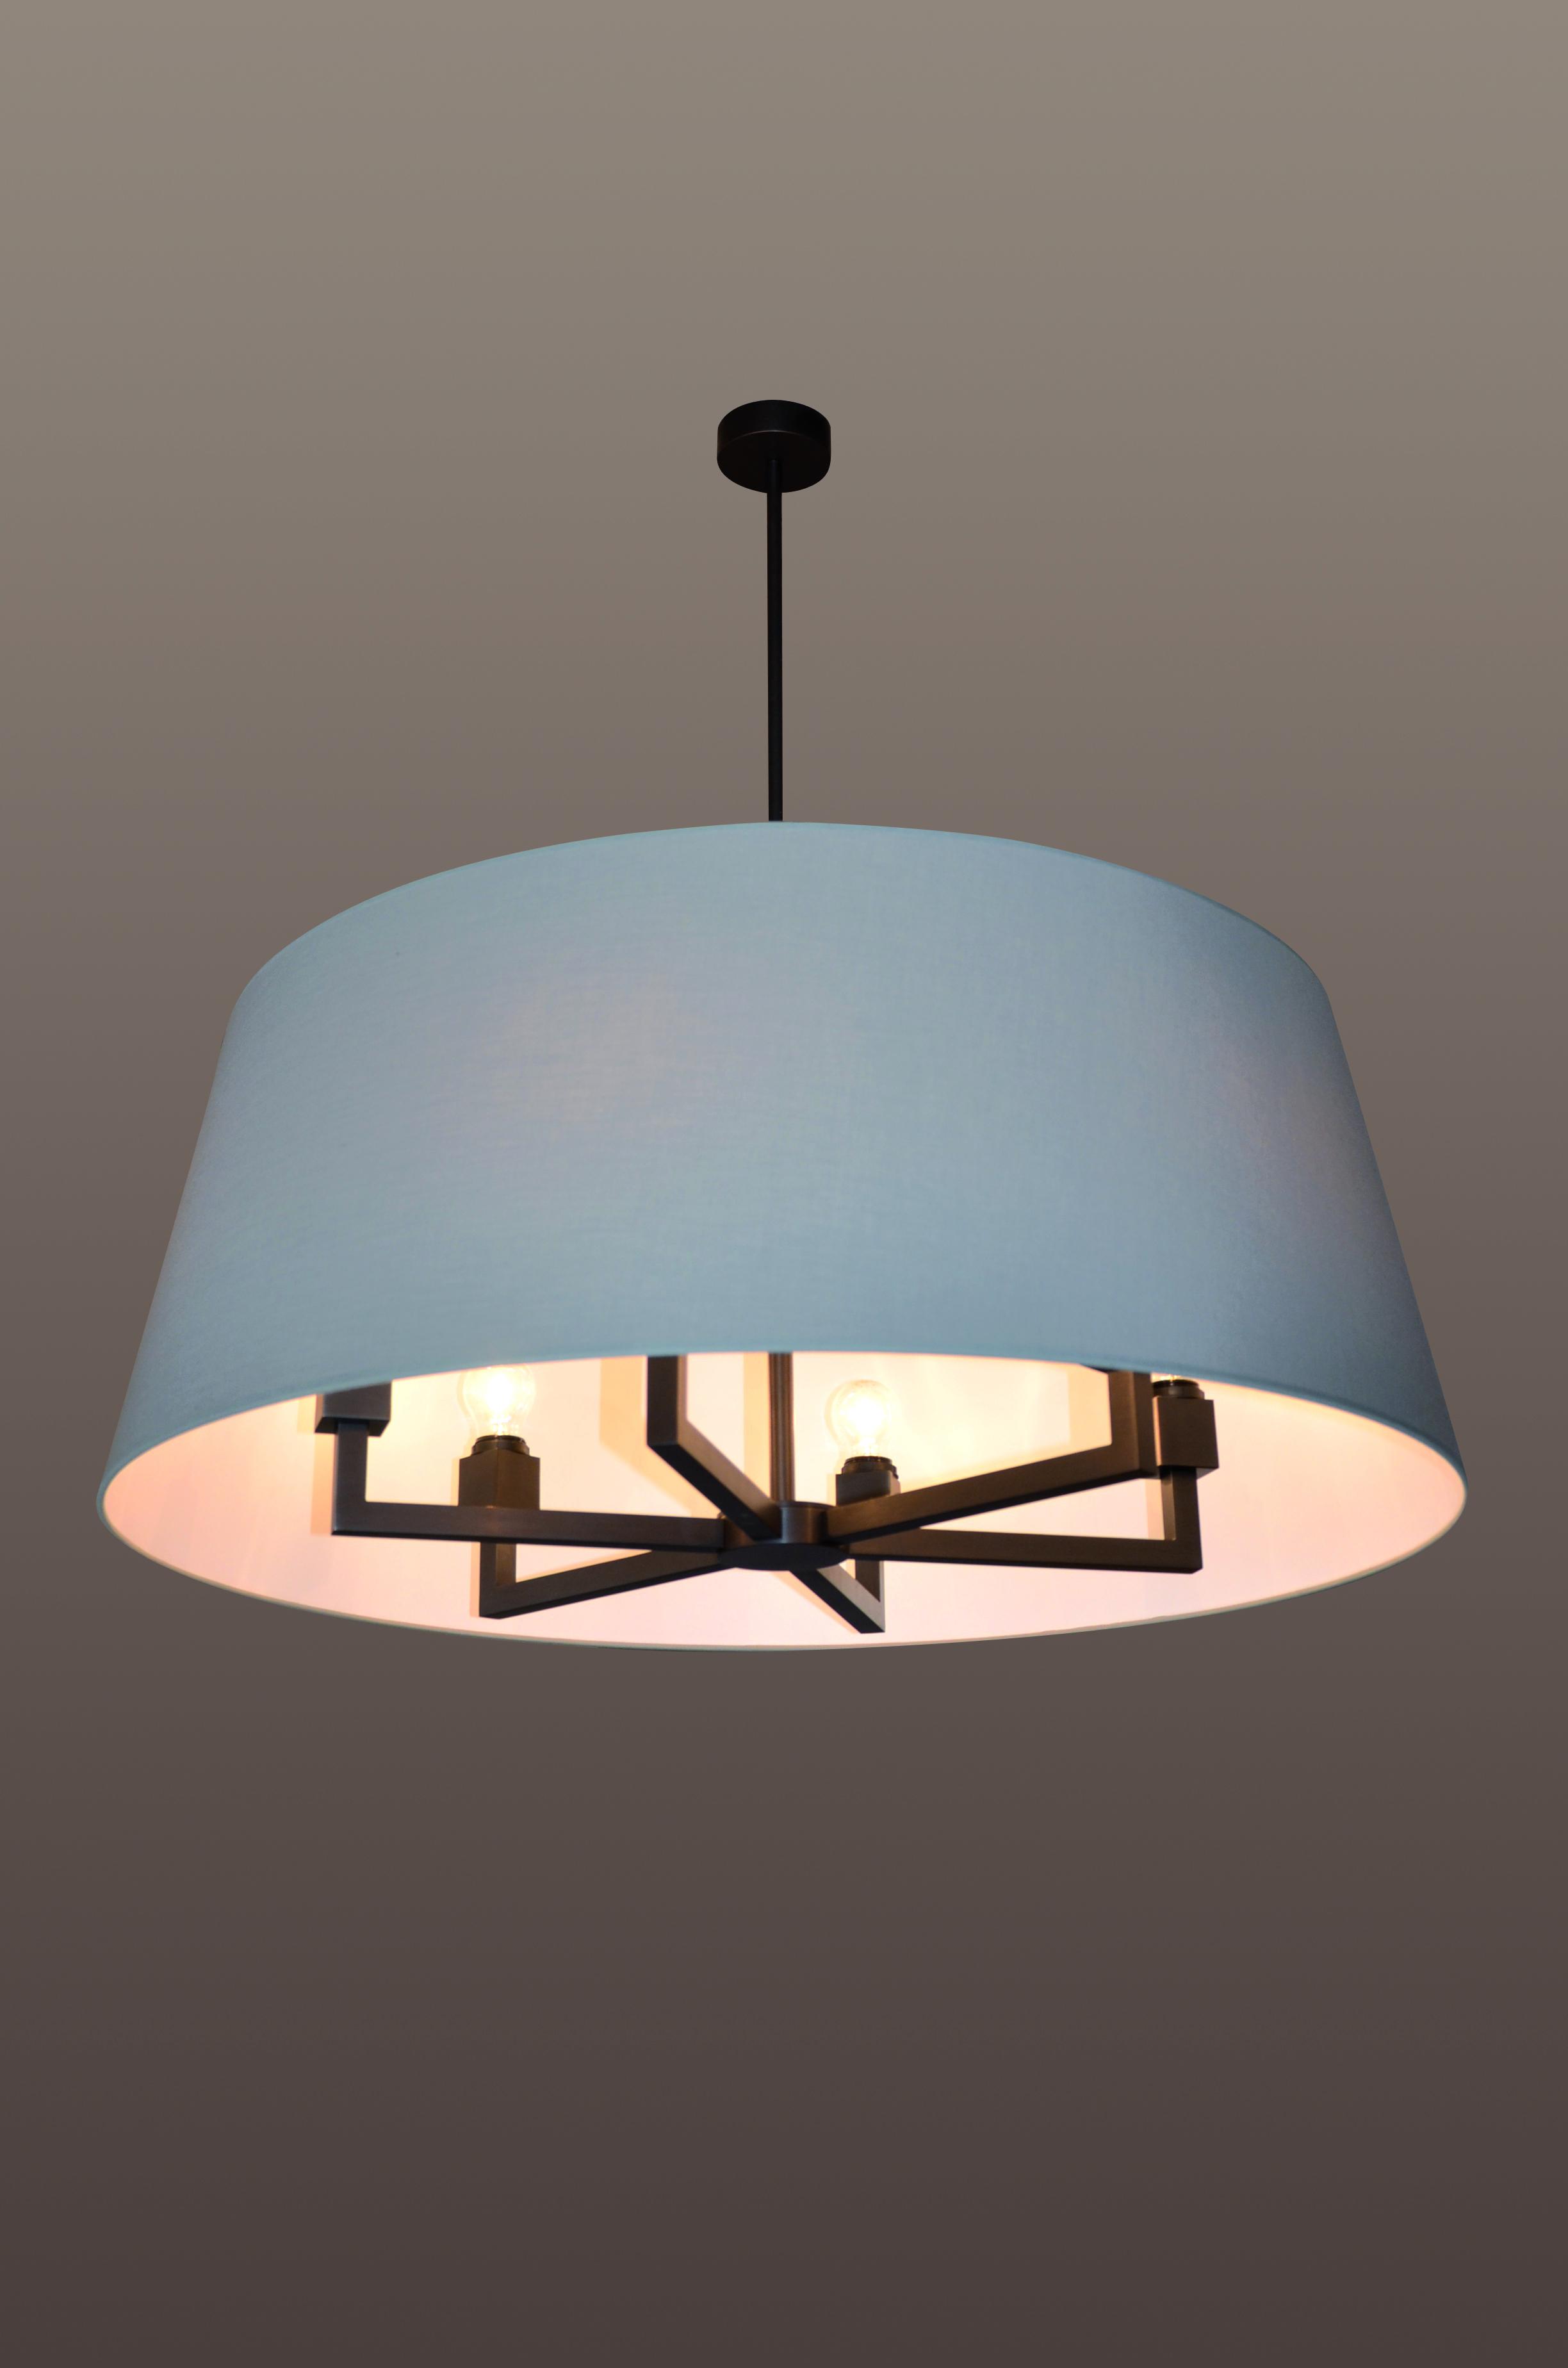 Atelier Du Luminaire Toulouse luminaires objets insolites à toulouse : secrets d'atelier